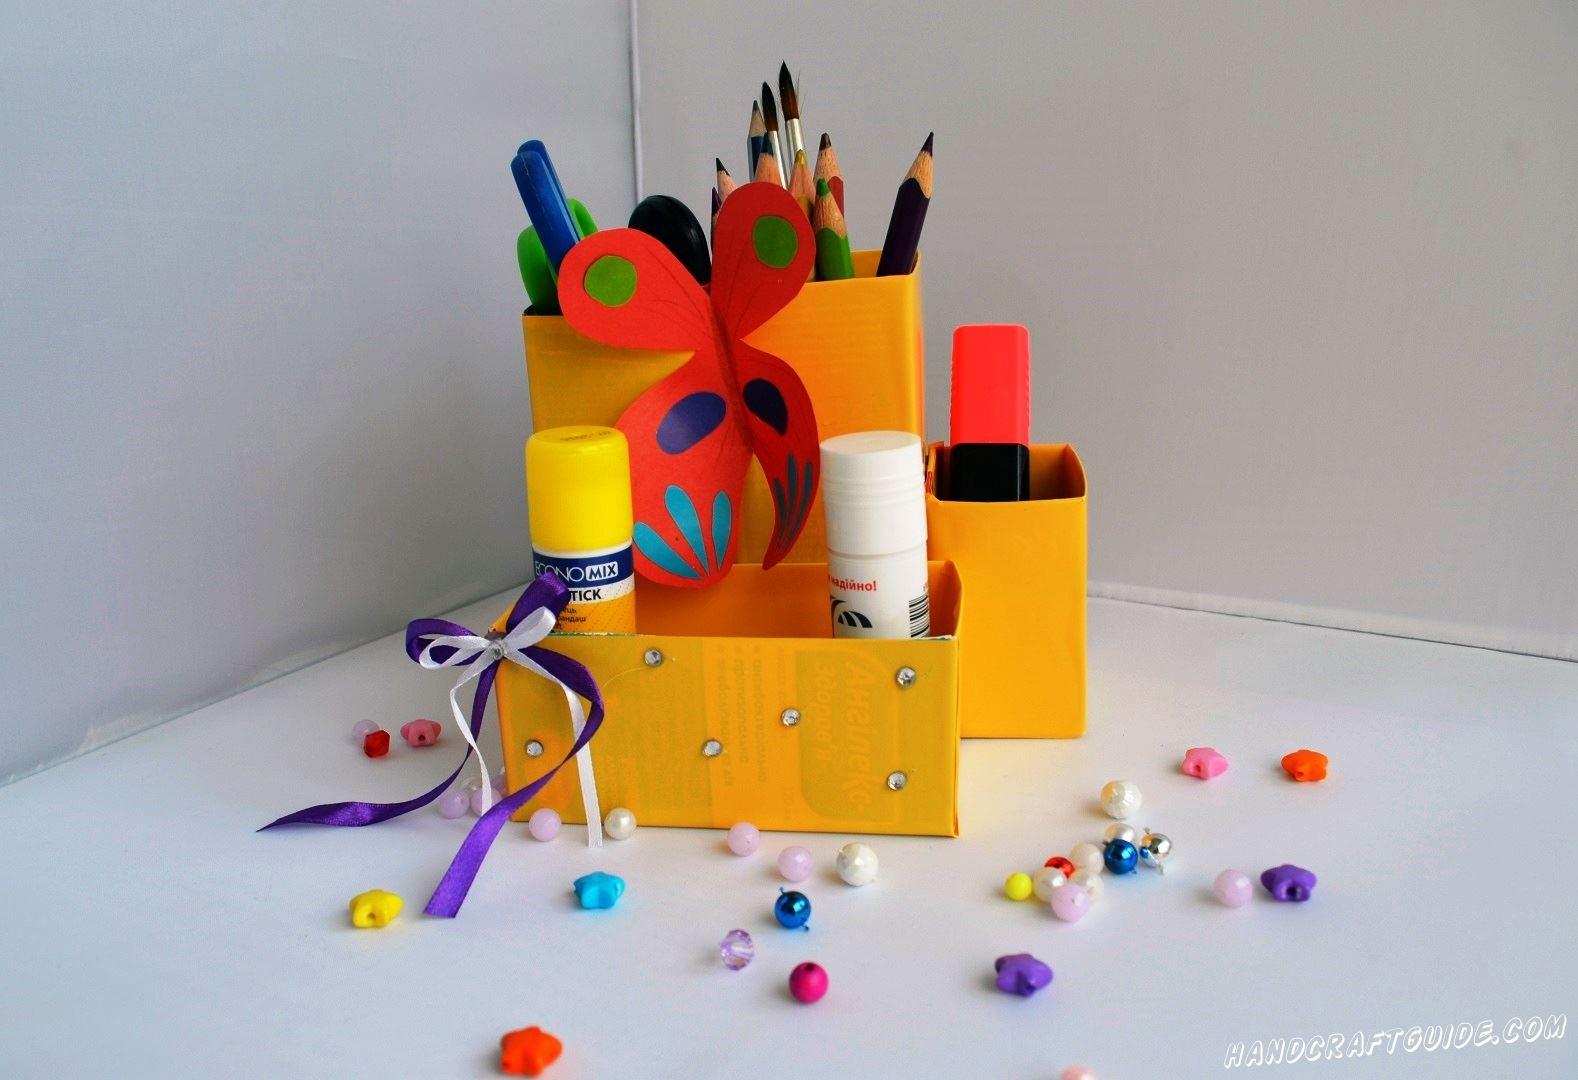 подставка для карандашей и ручек на стол сделанная своими руками